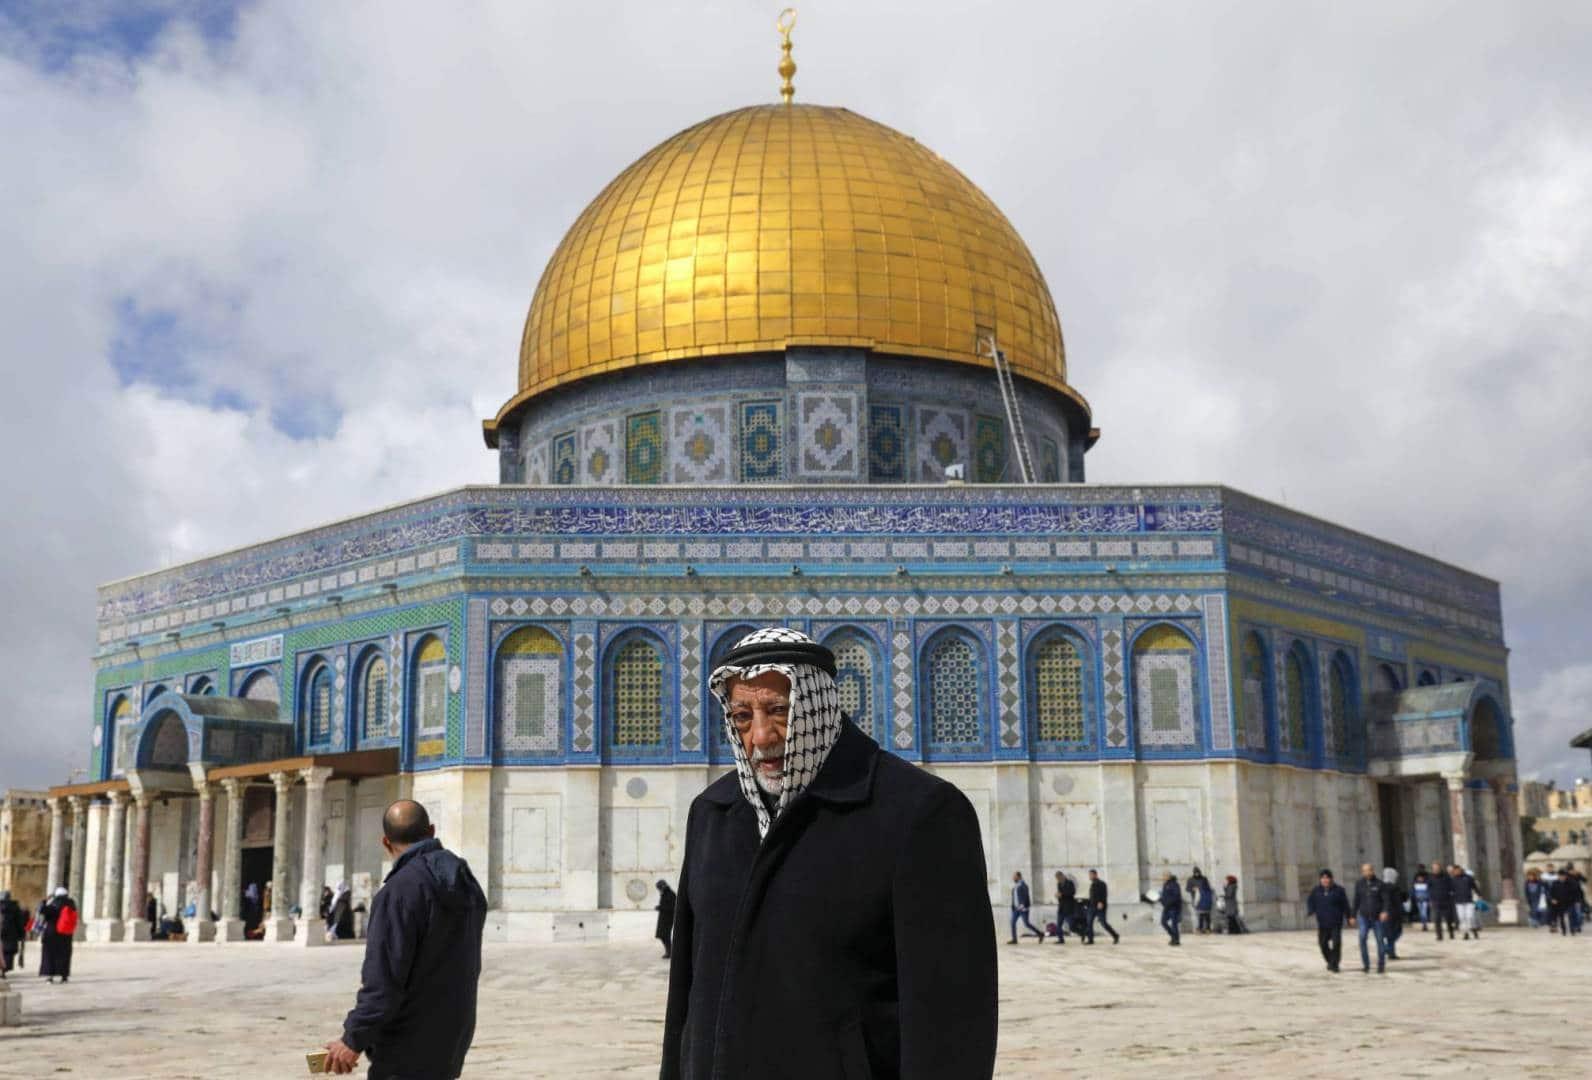 """بينما """"بَصَمَتْ"""" دول خليجية على صفقة القرن  .. قرار في سلطنة عمان يخصّ القدس المحتلة"""